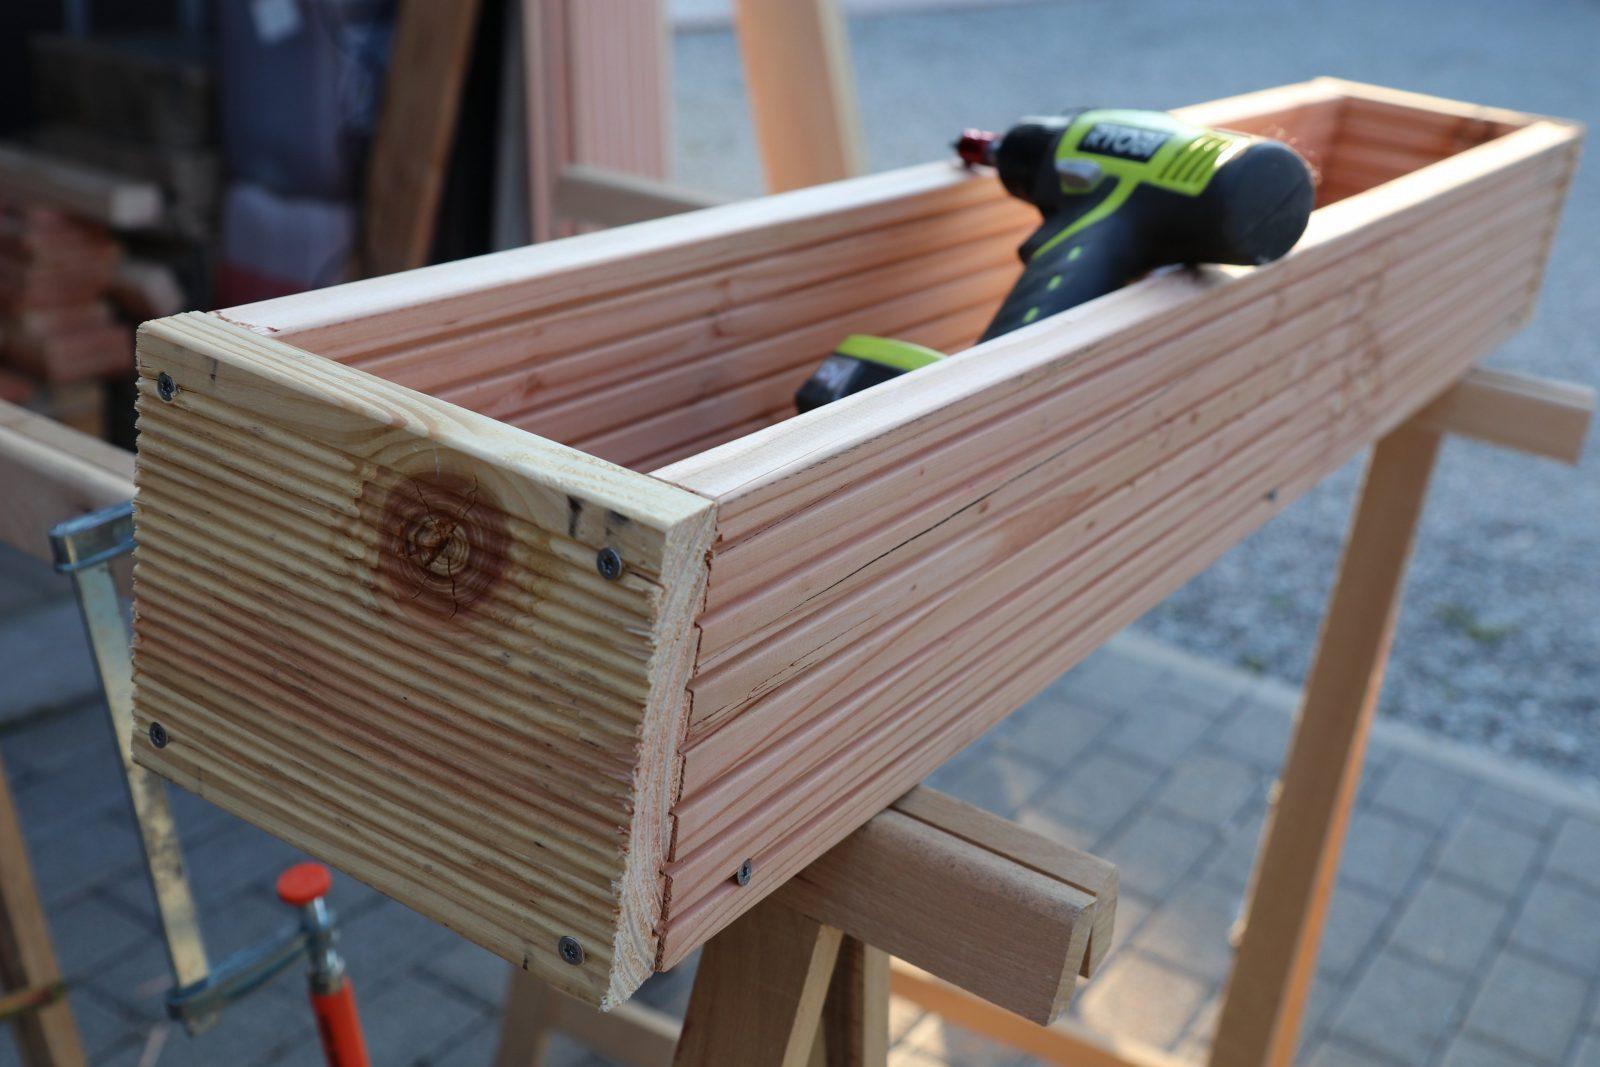 treppe selber bauen swalif von terrassen treppen selber bauen photo